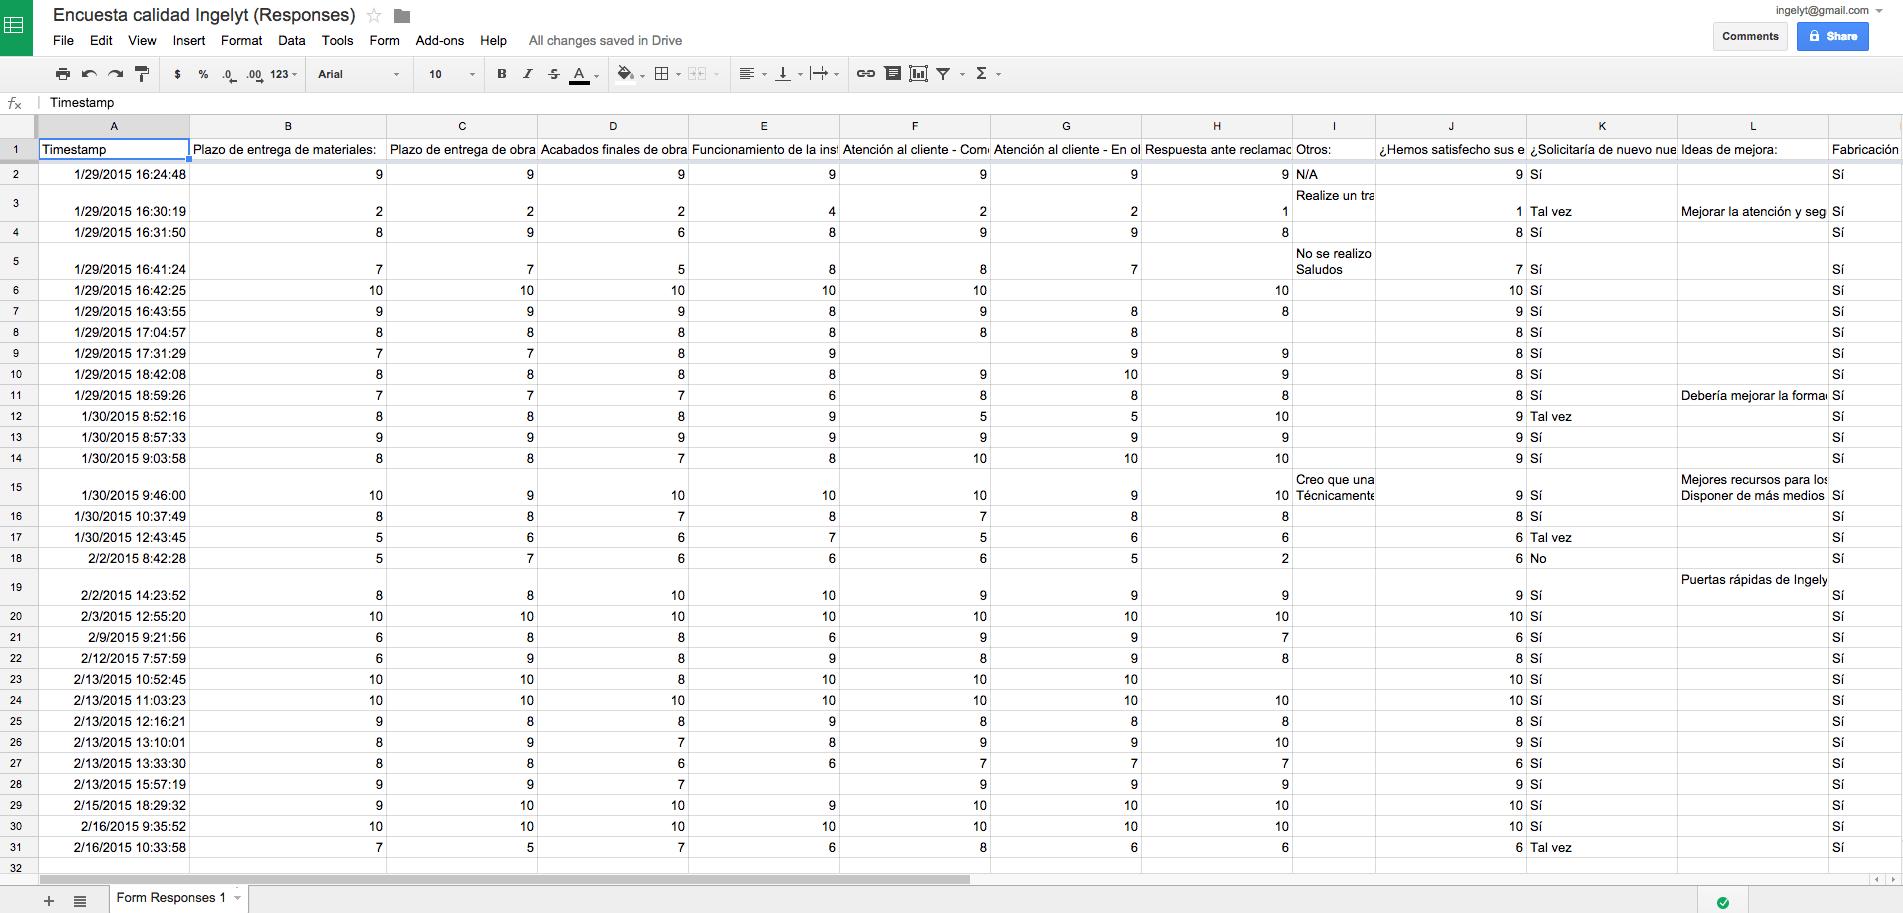 Resultados encuesta Google sheets